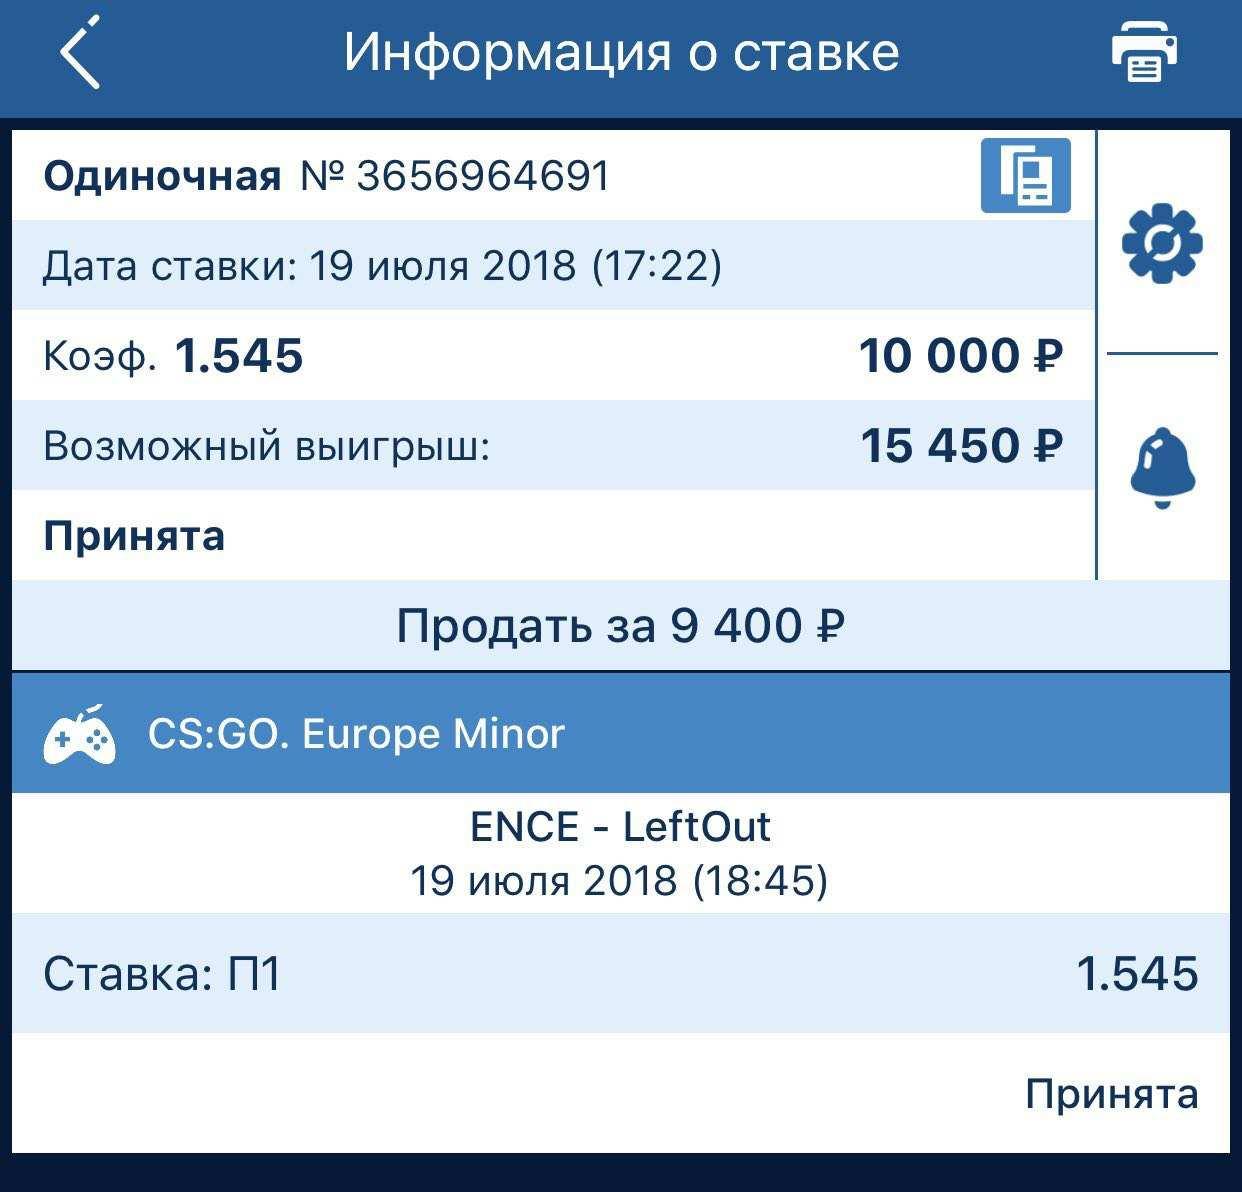 Jackpot i russisk lotto: hva er idag, hvordan å vinne og hva er det